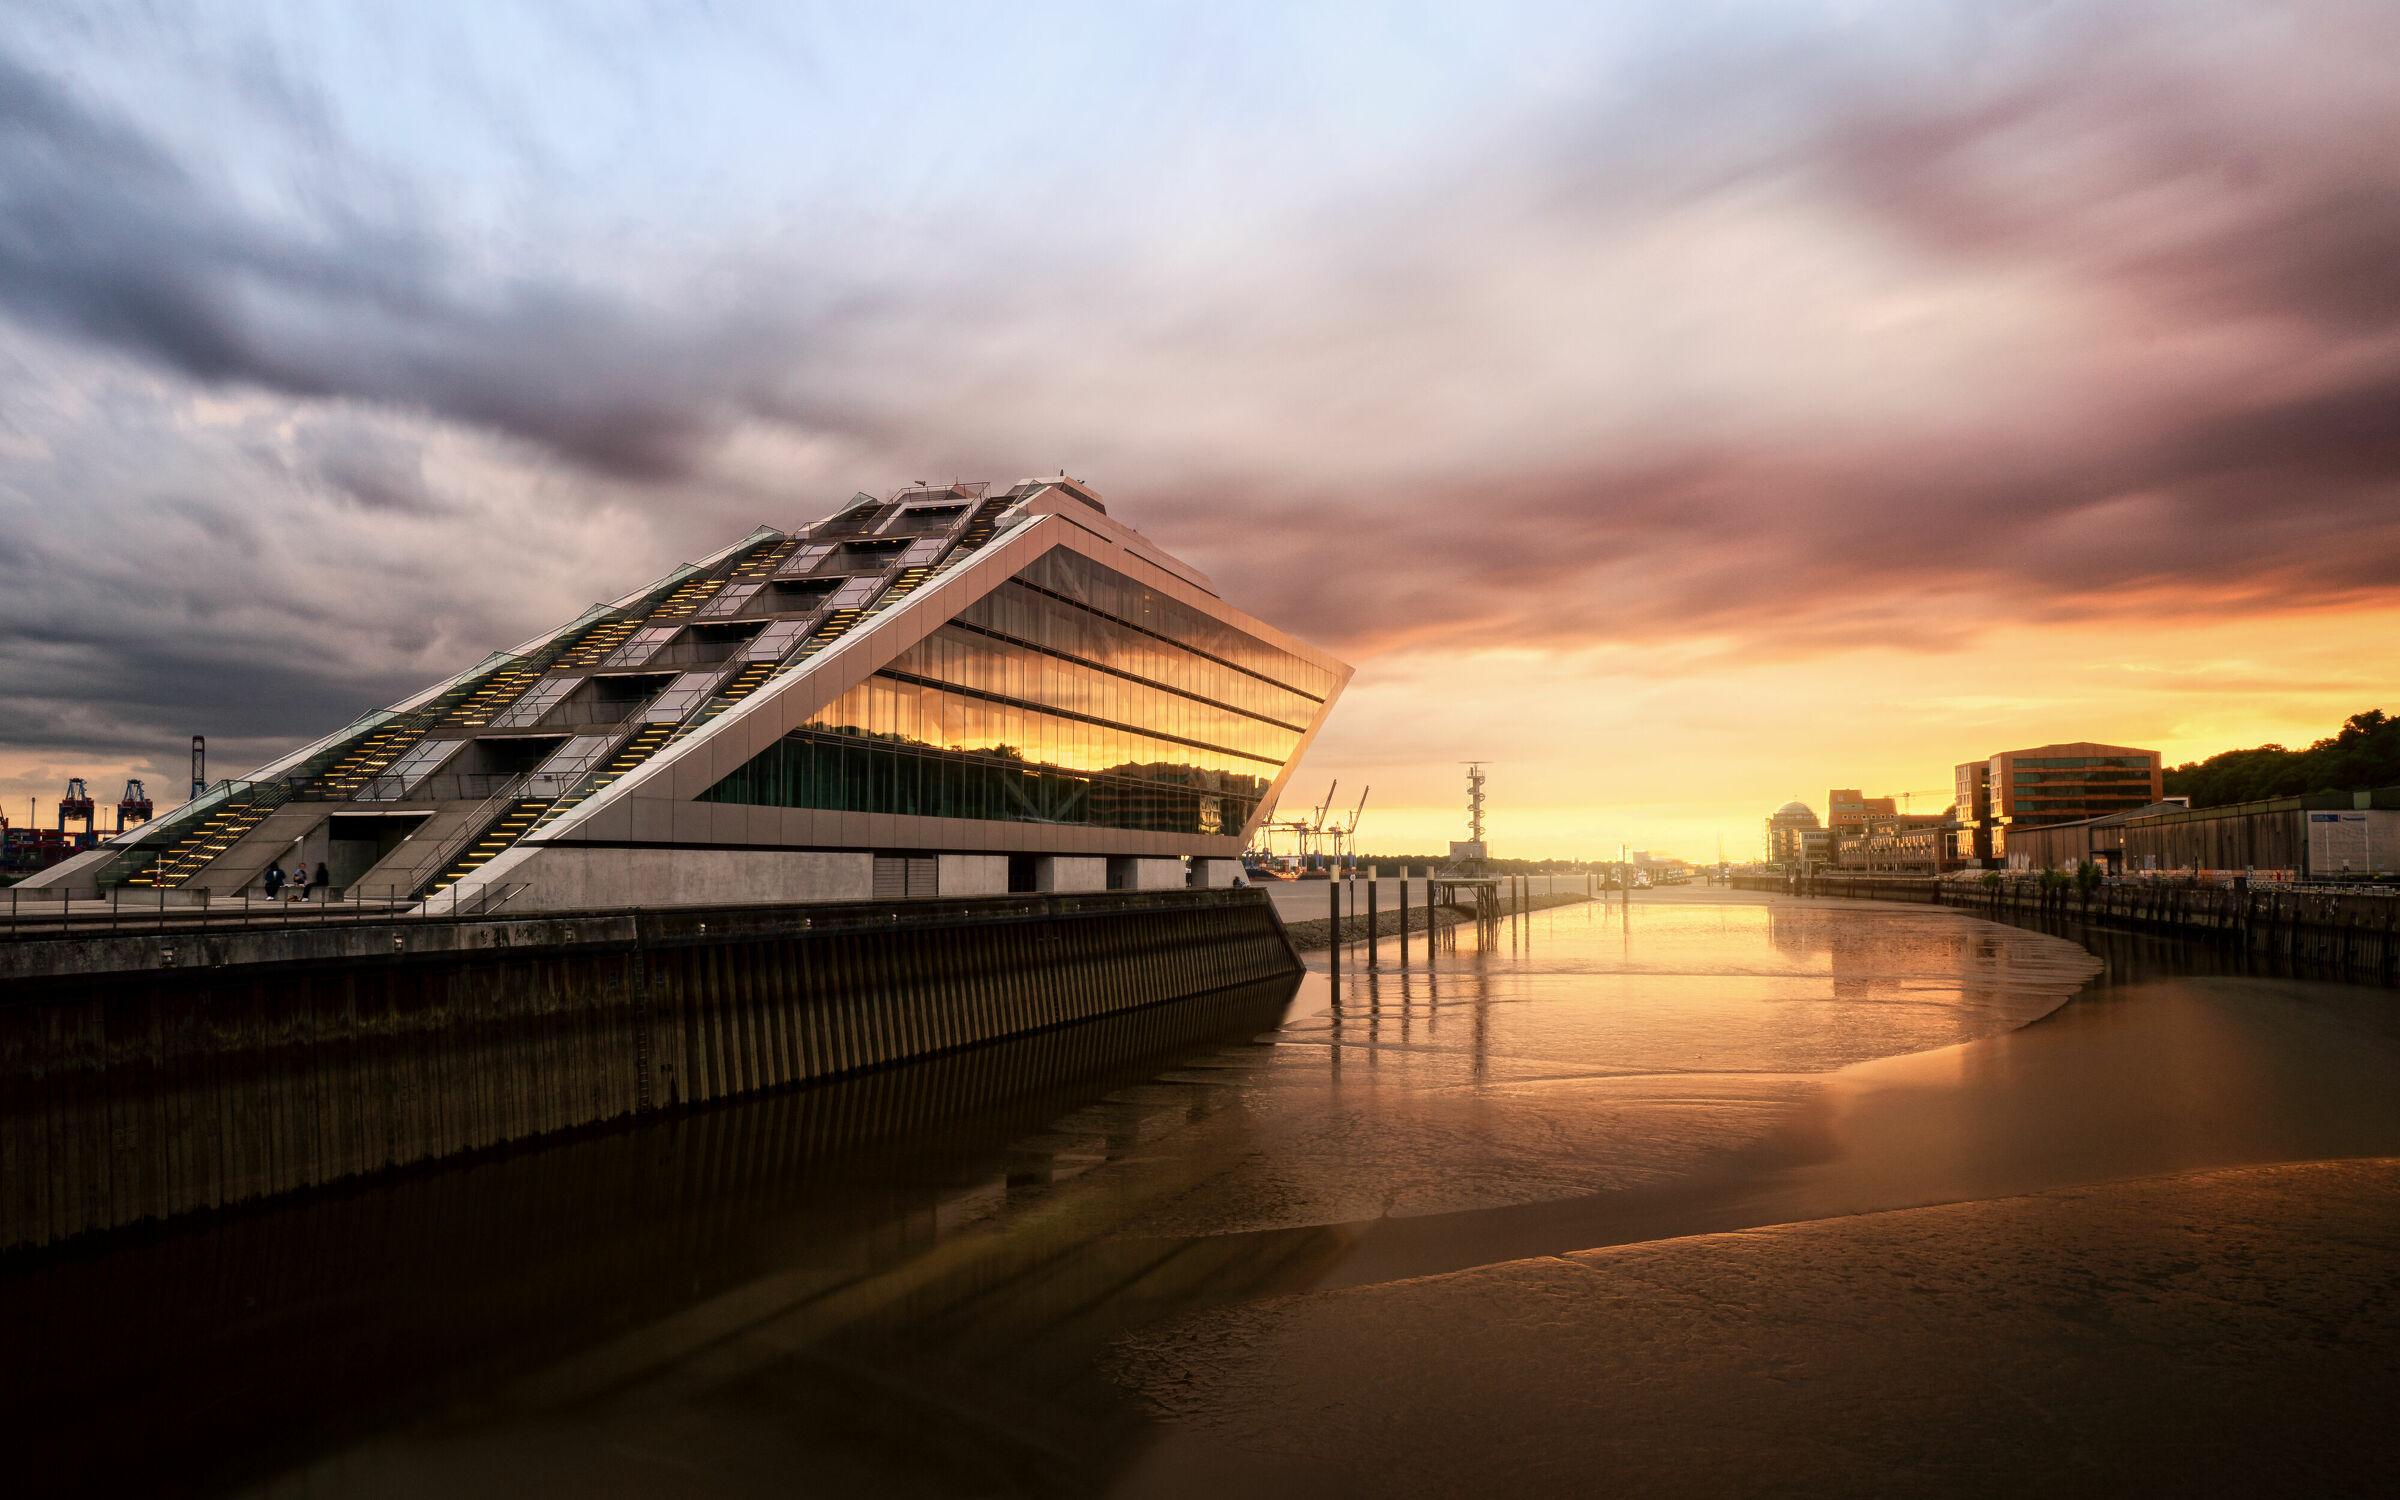 Bild mit Architektur, Gebäude, Städte, Häfen, Schiff, Hafenstadt, Sonnenuntergang/Sonnenaufgang, Hamburg, Dockland